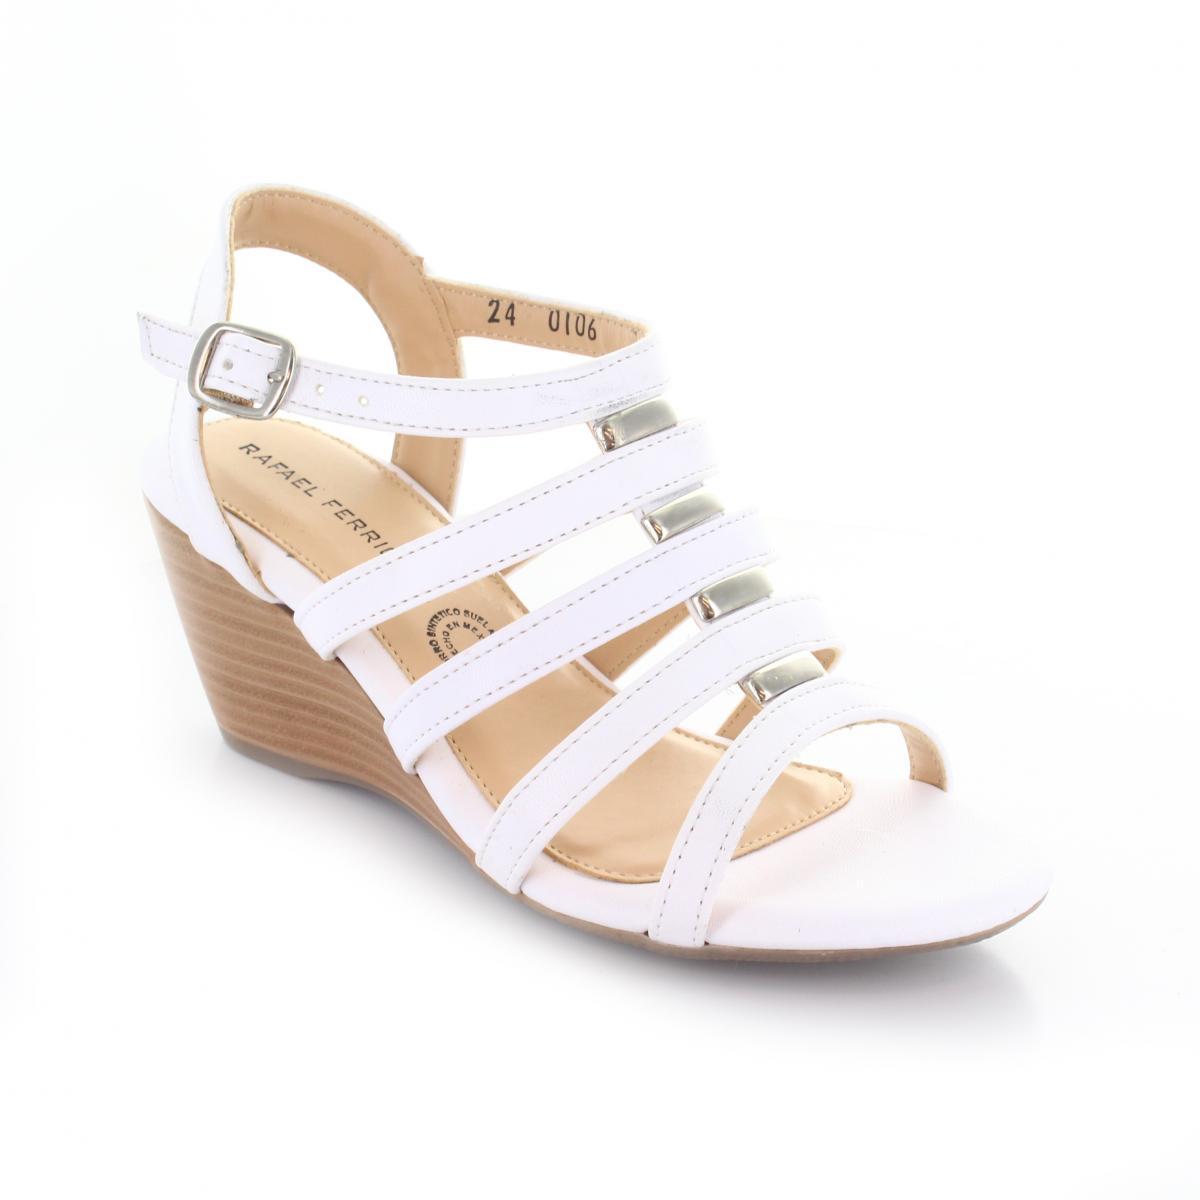 5241862c2b4 Sandalia marca Rafael Ferrigno modelo 0106 Color Blanco